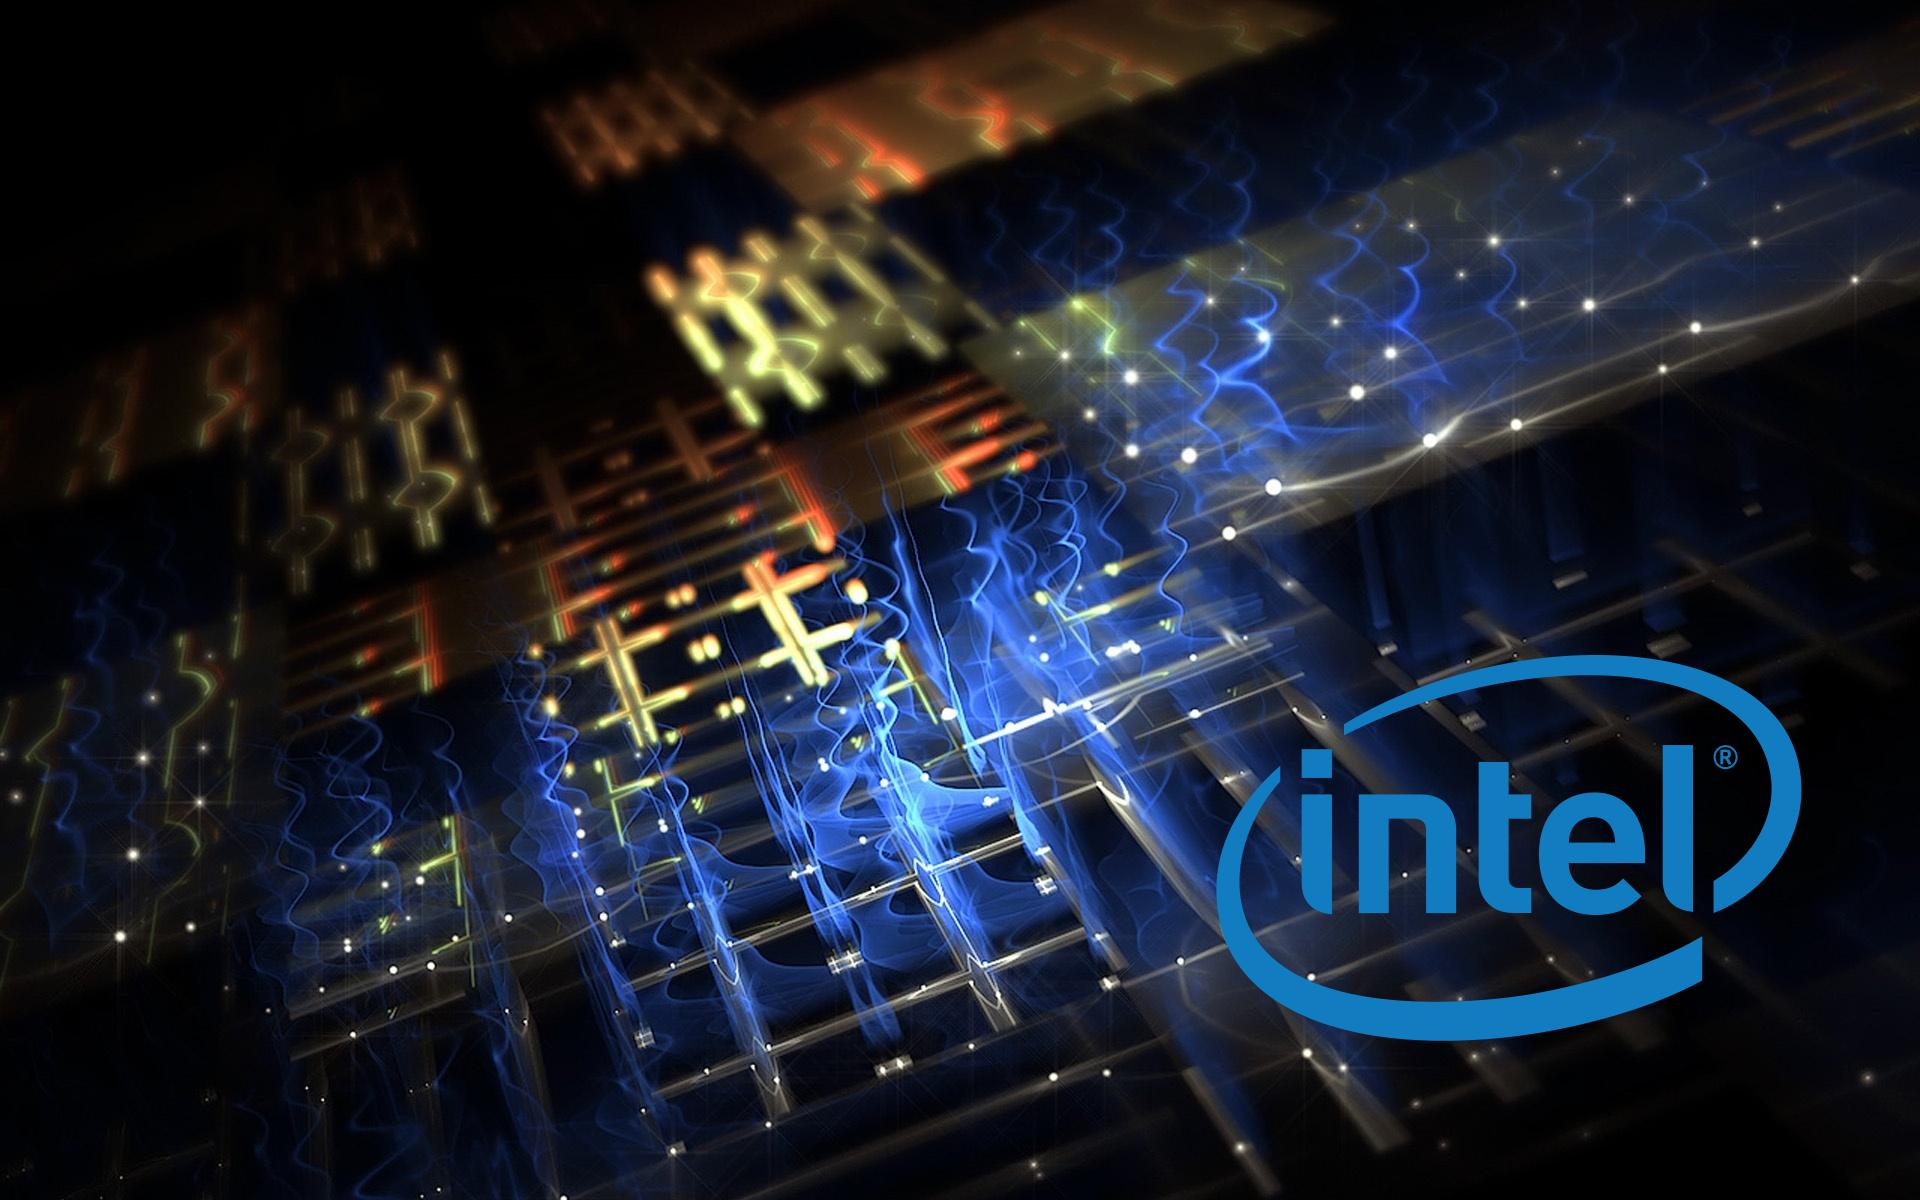 4K Intel Wallpaper - WallpaperSafari